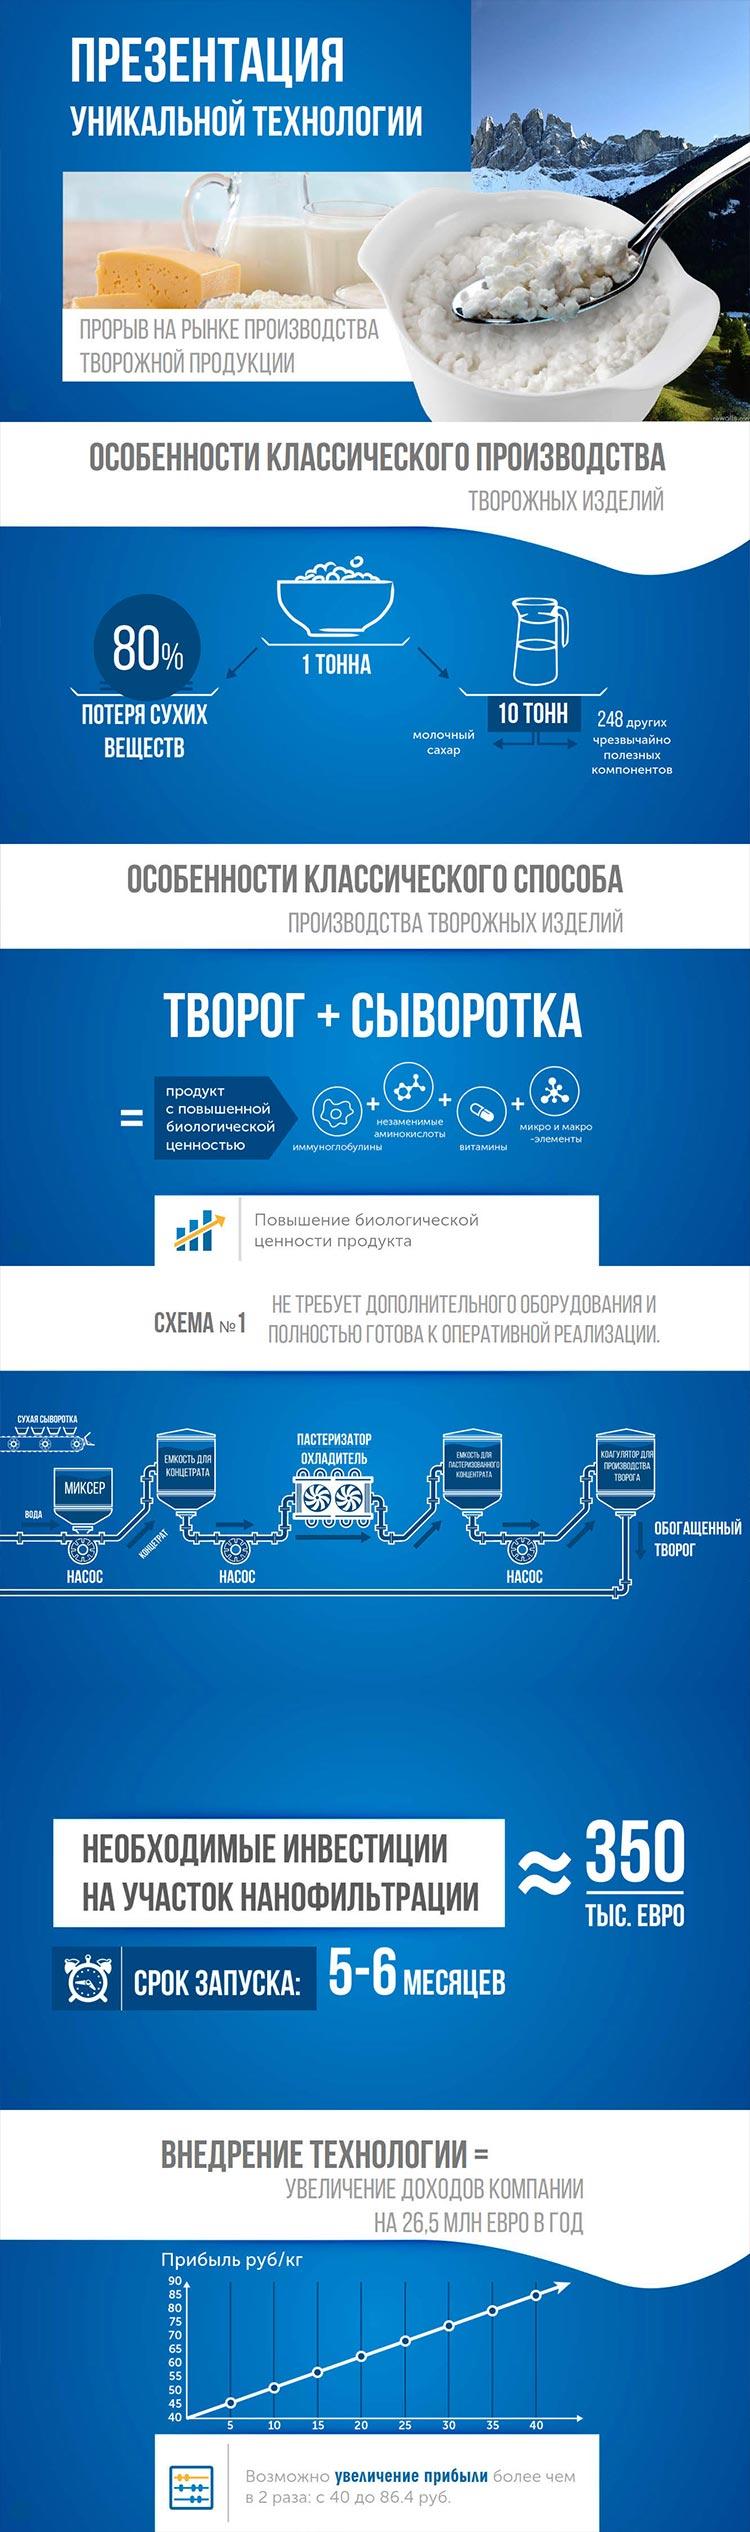 zakazat-Prezentacija-tehnologii-proizvodstva-dlja-investorov-na-anglijskom-jazyke